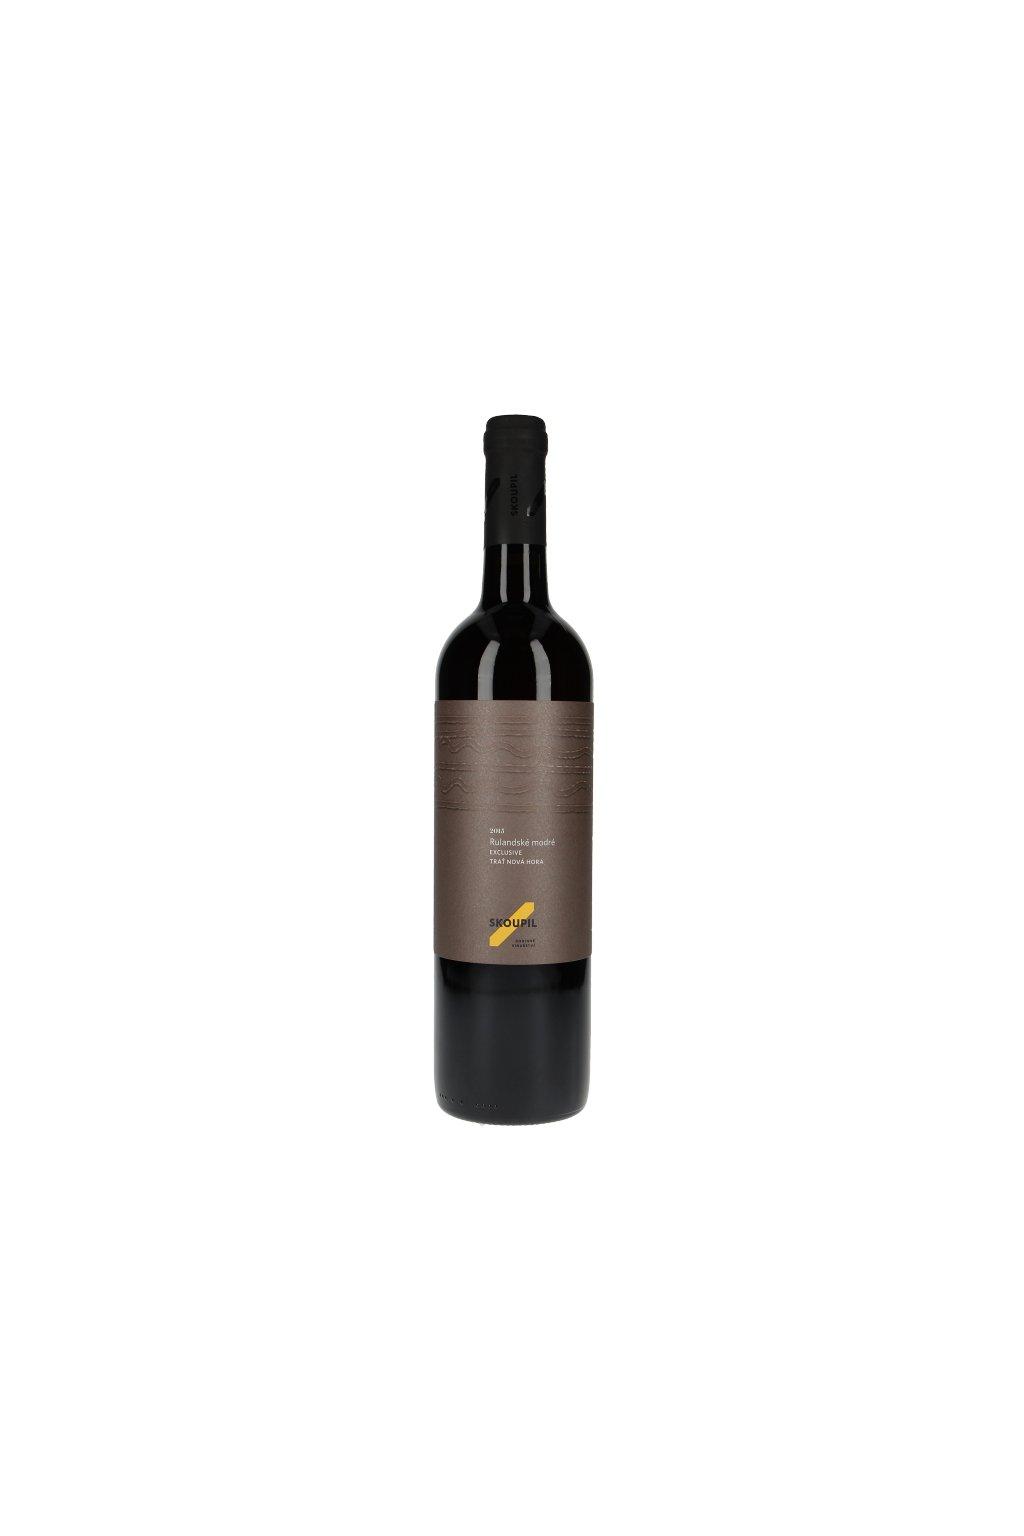 Rulandské modré Exclusive 2015, jakostní víno